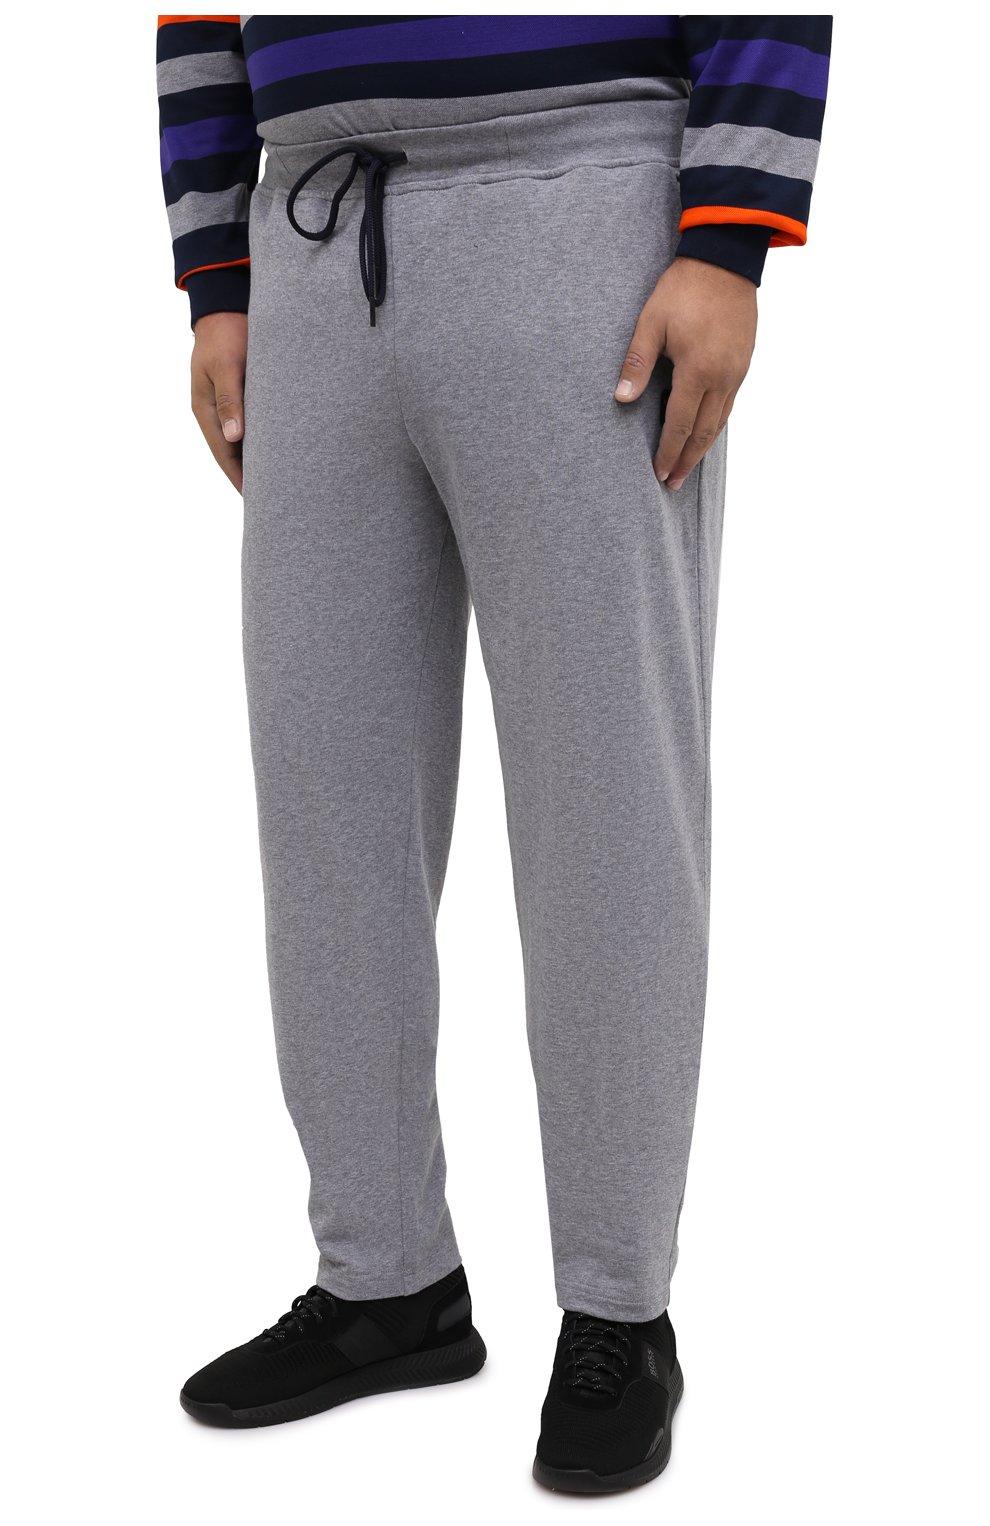 Мужские хлопковые брюки PAUL&SHARK серого цвета, арт. C0P1062/C00/3XL-6XL   Фото 3 (Мужское Кросс-КТ: Брюки-трикотаж; Длина (брюки, джинсы): Стандартные; Случай: Повседневный; Материал внешний: Хлопок; Стили: Спорт-шик)